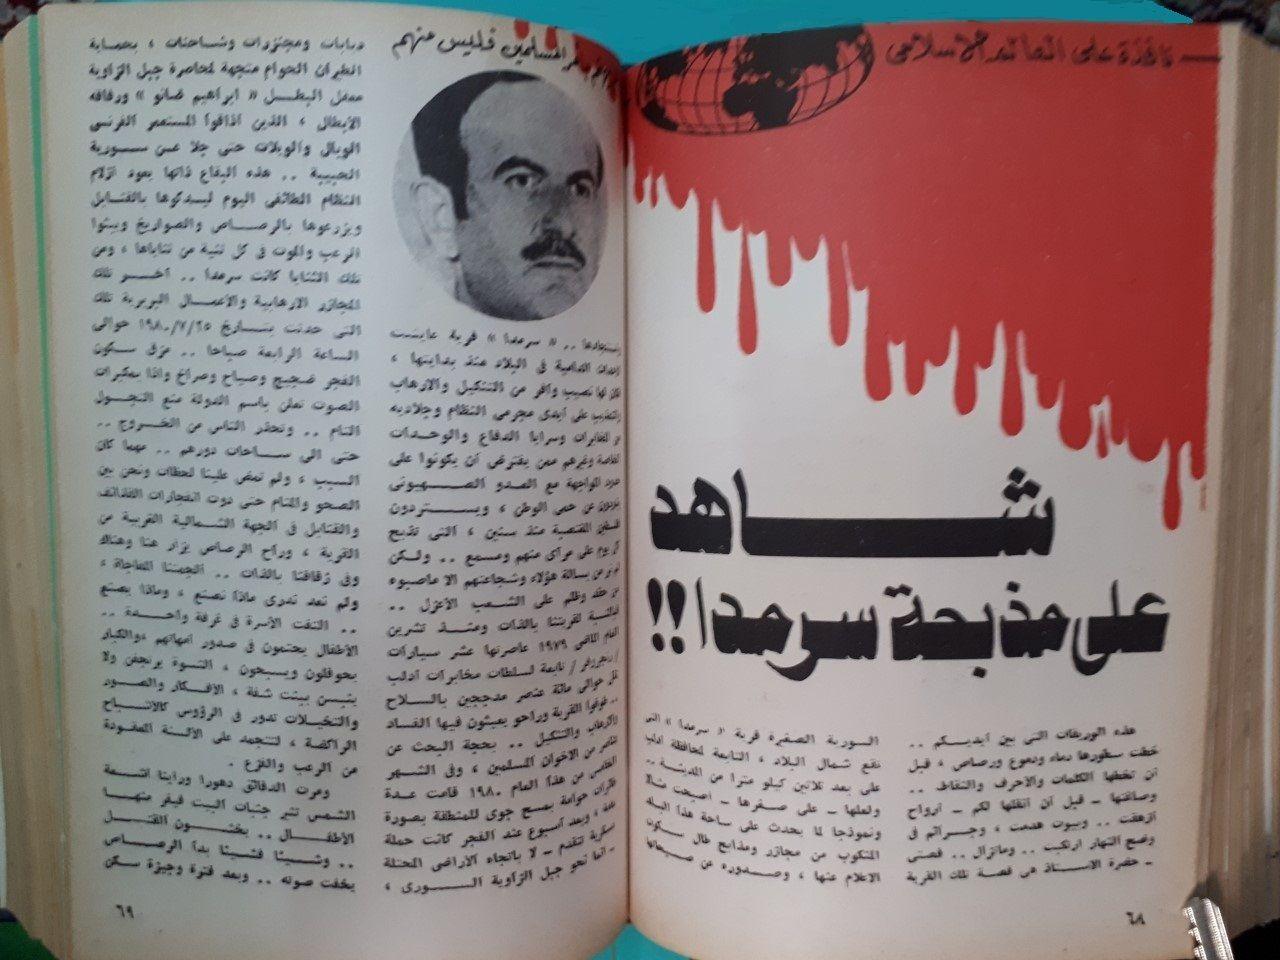 المختار الإسلامى العدد 20 15 ربيع الأول1401 هـ فبراير 1981 م قريةسورية صغيرةتابعة لمحافظة إدلب اصبحت مثالا لما يحدث على ساحة هذا البلد المنكوب History